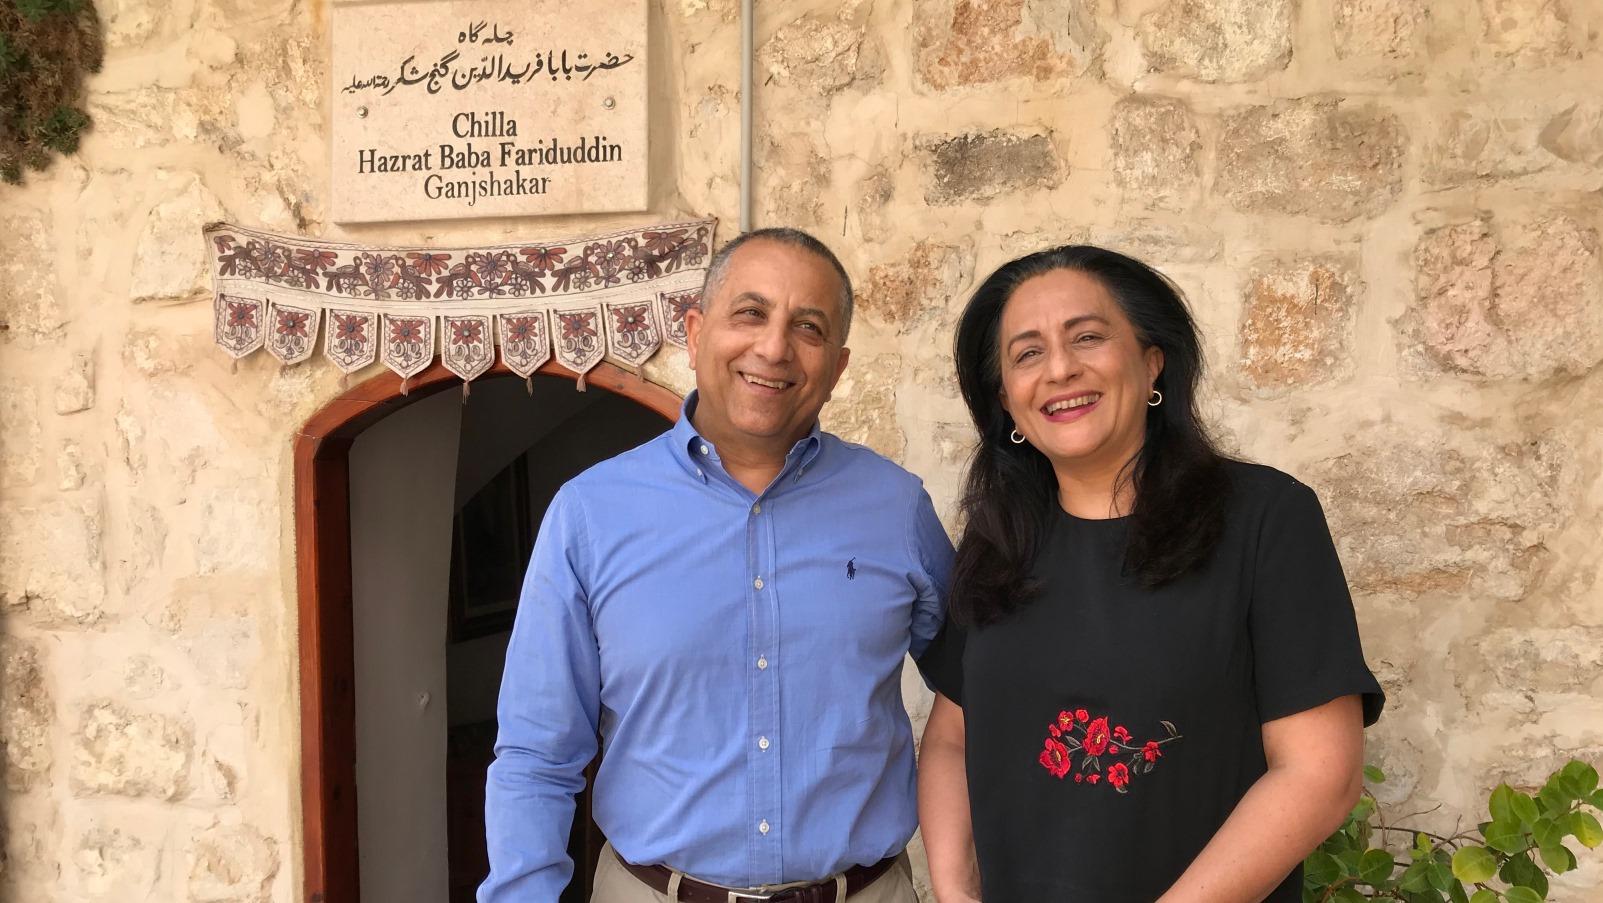 Indian Hospice: A hidden gem in Jerusalem's Old City | ISRAEL21c